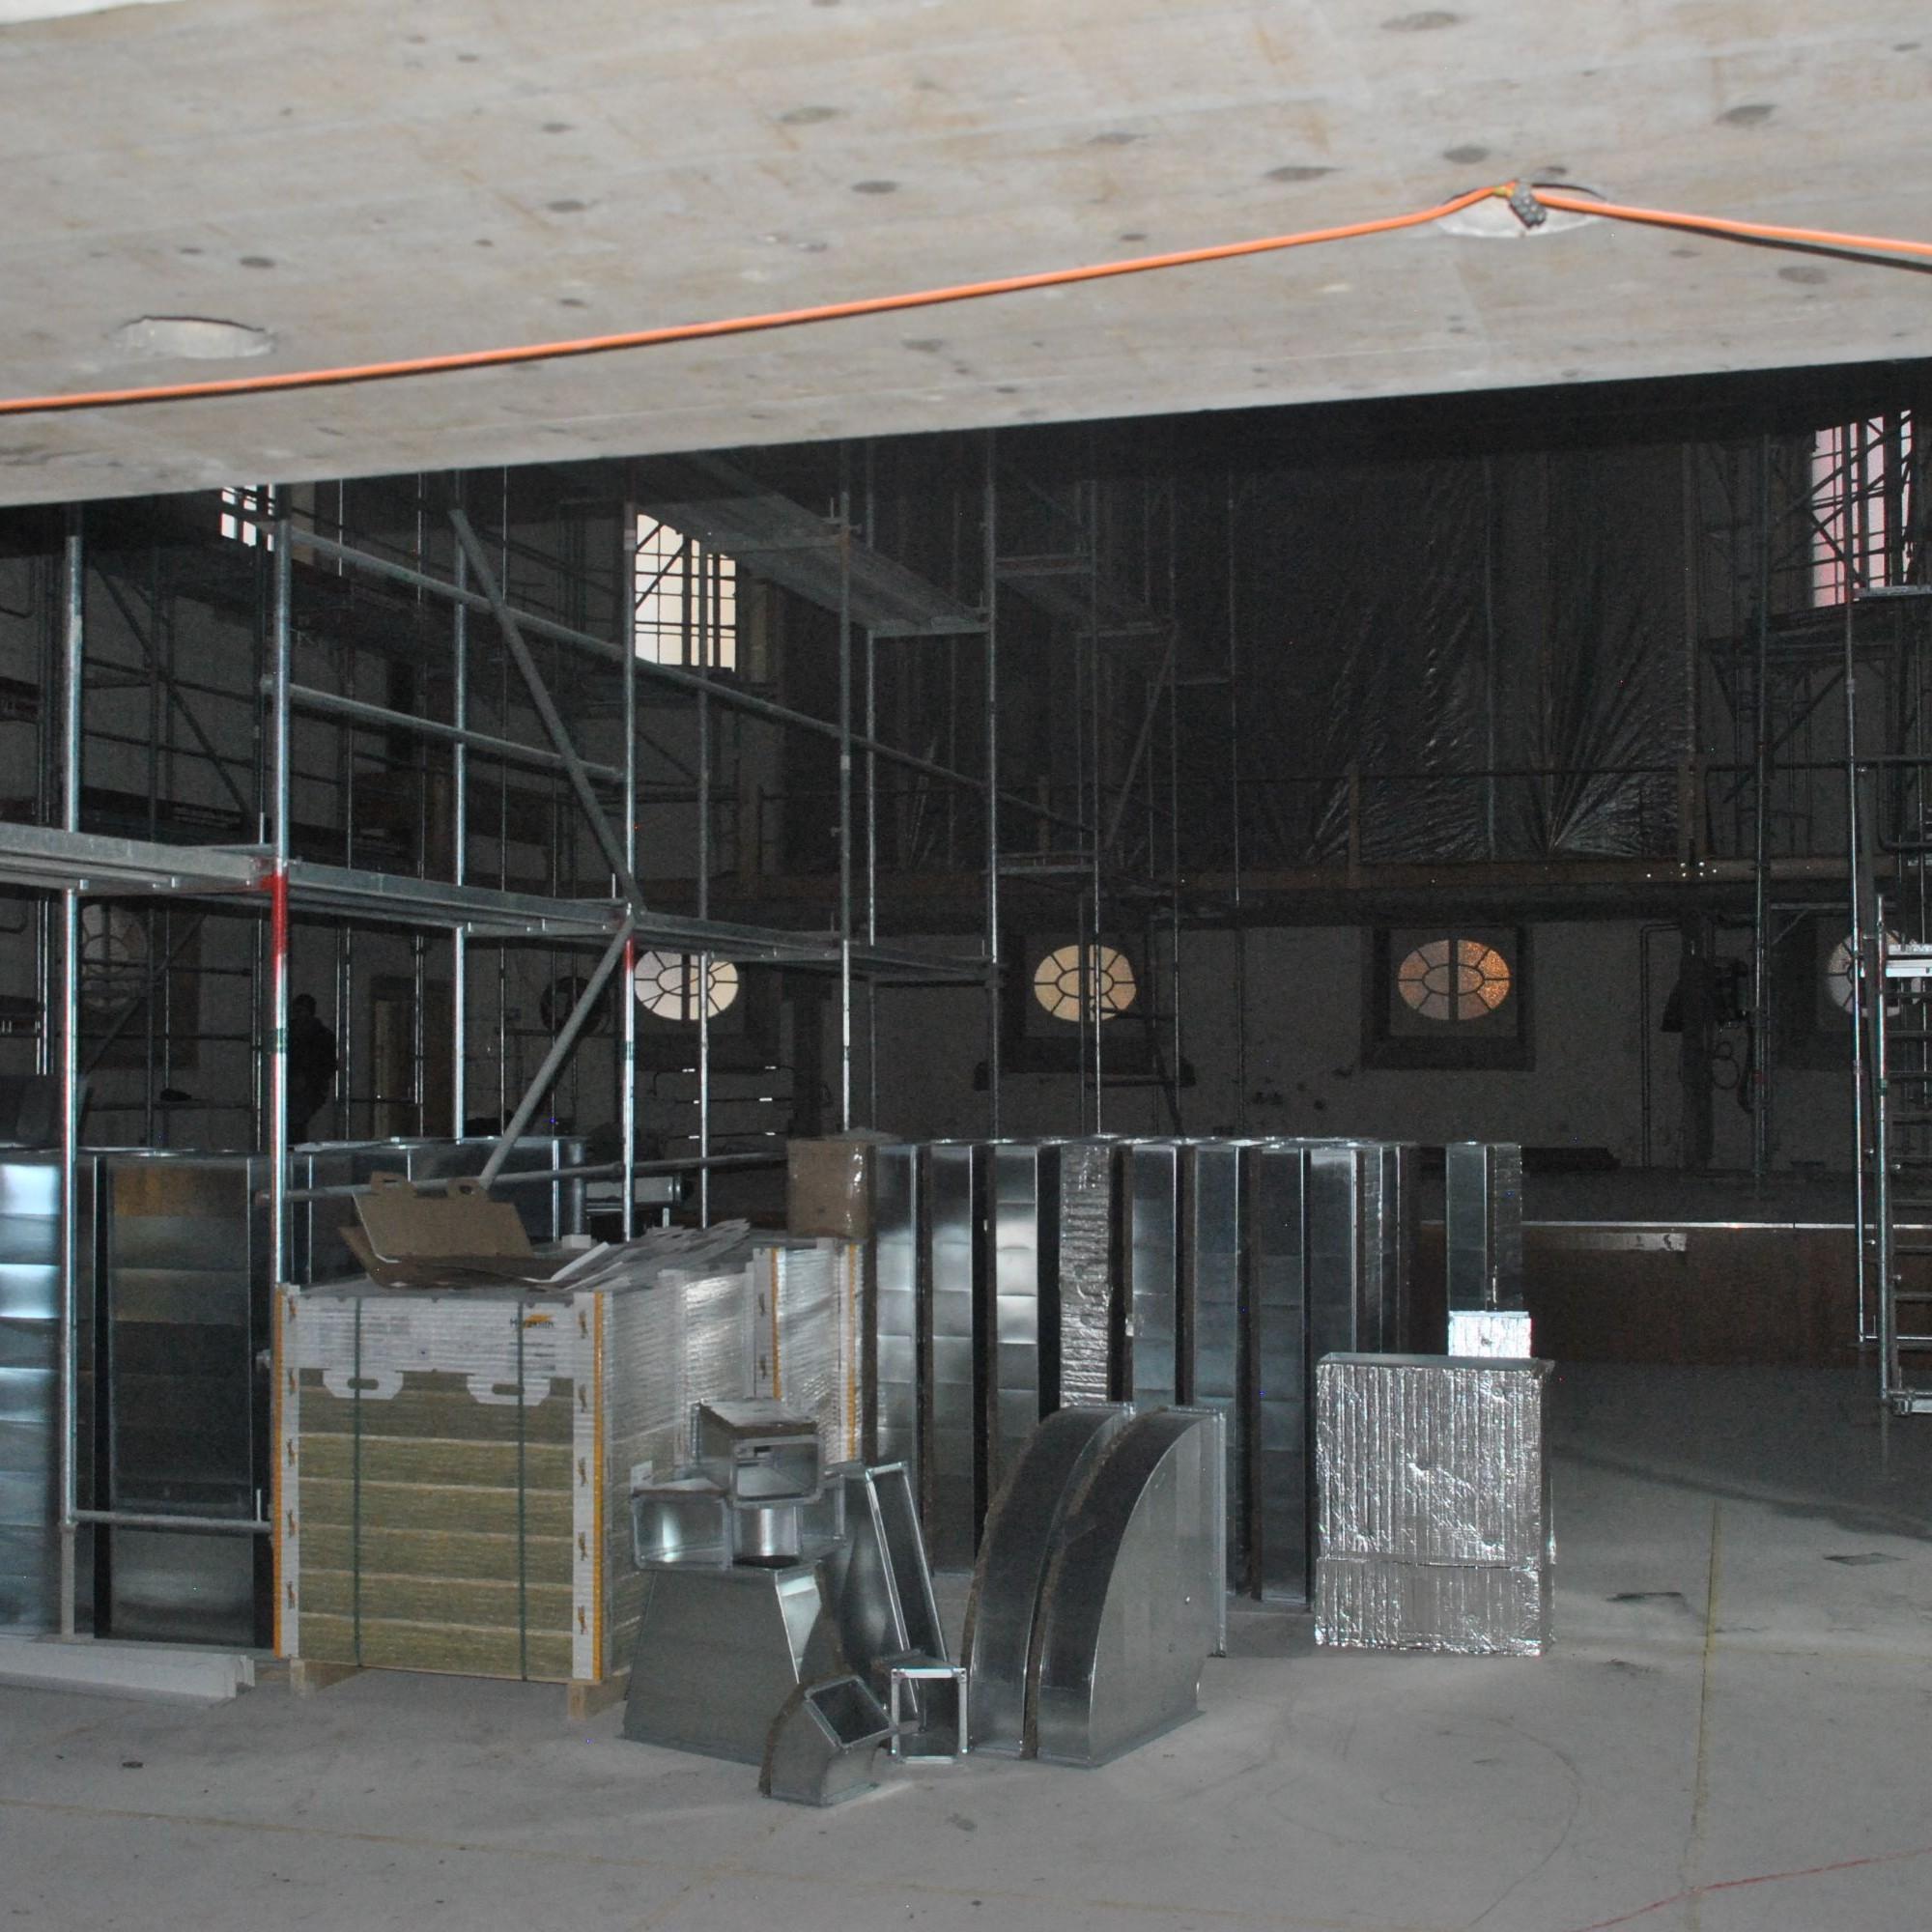 Complètement désossé il y a quelques mois, l'intérieur du Temple du Bas de Neuchâtel sera mieux isolé phoniquement à l'avenir.